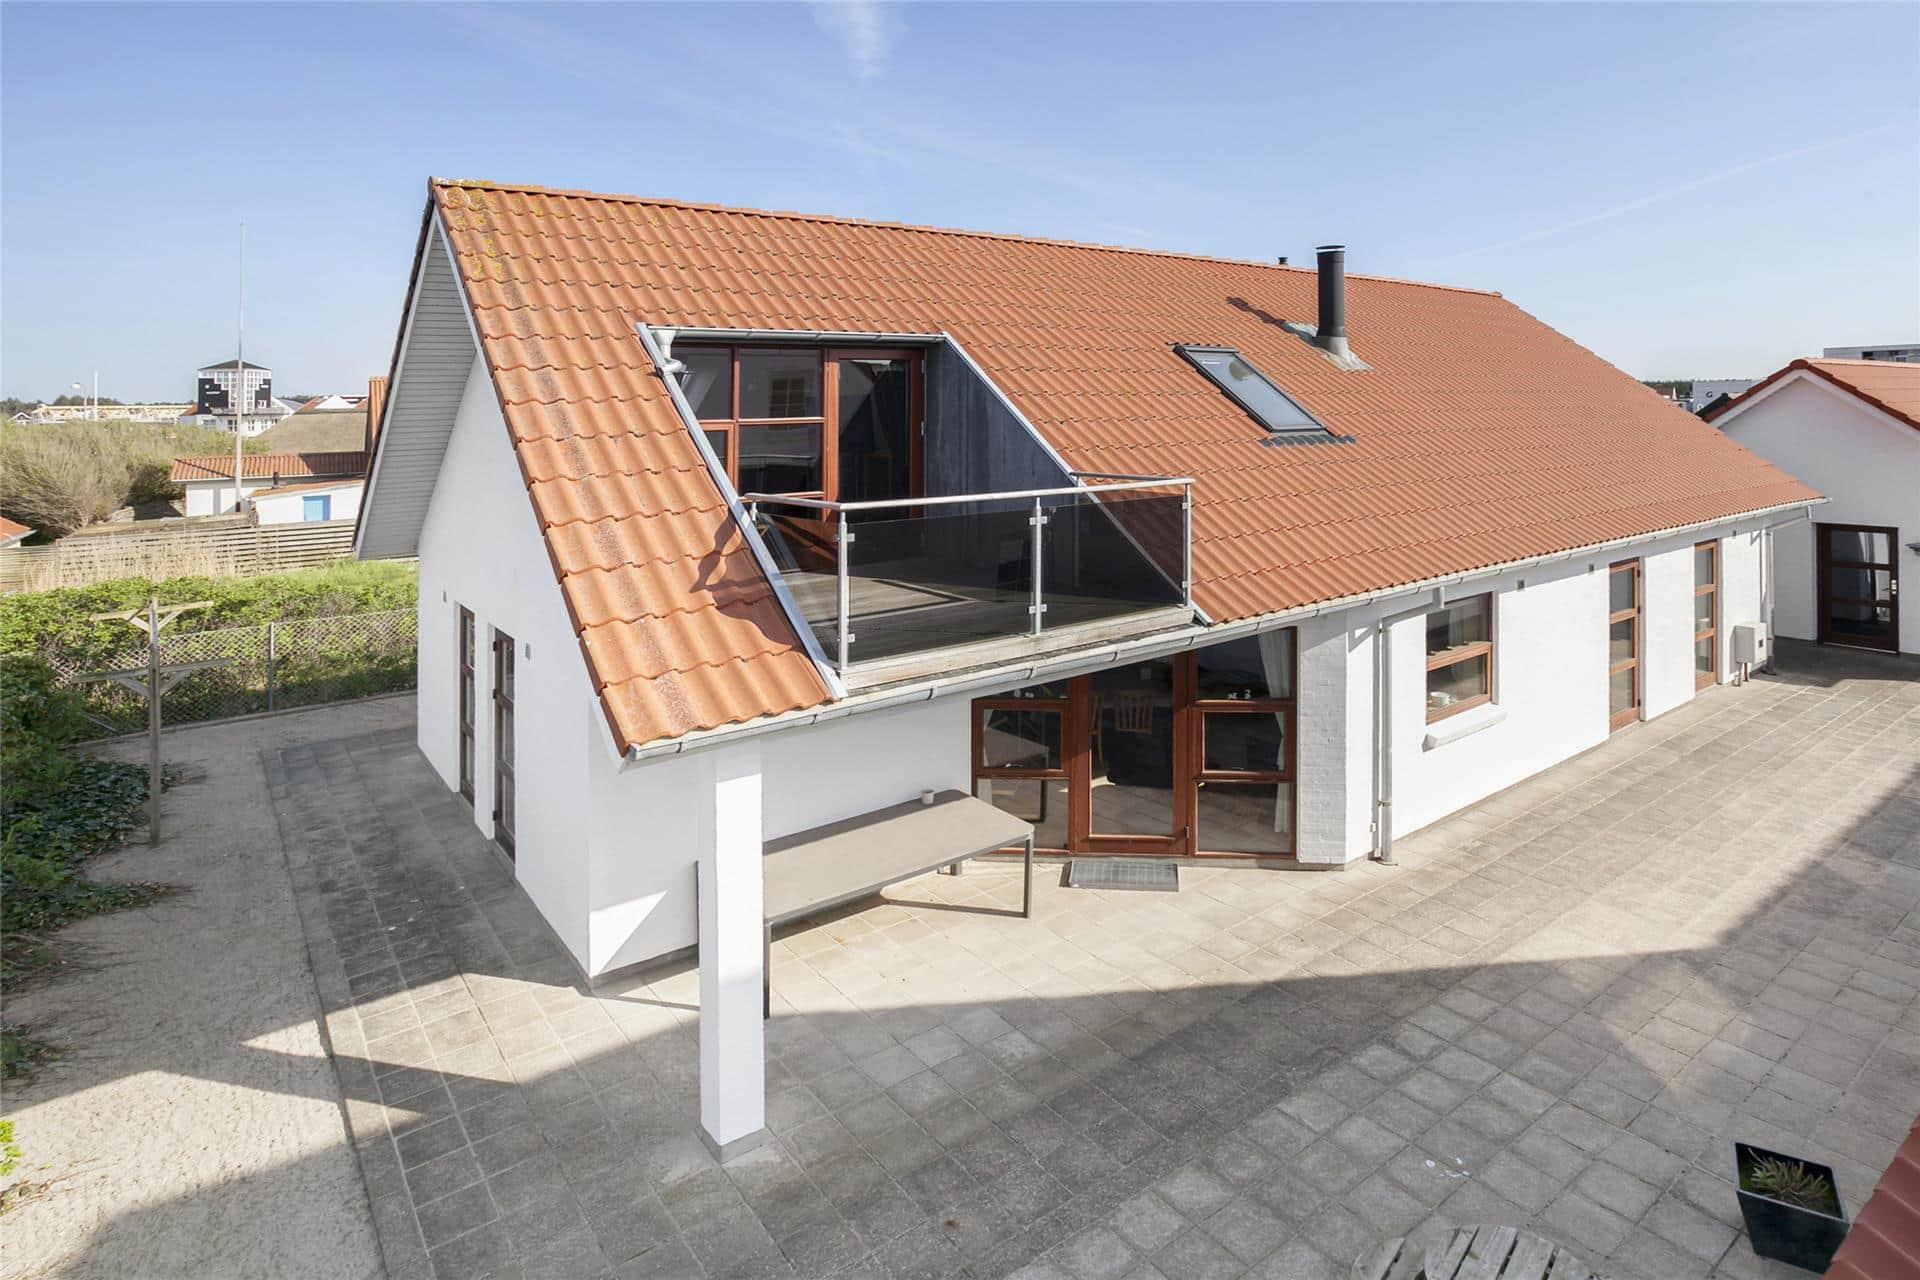 Image 1-14 Holiday-home 240, Støvesvej 4, DK - 9492 Blokhus